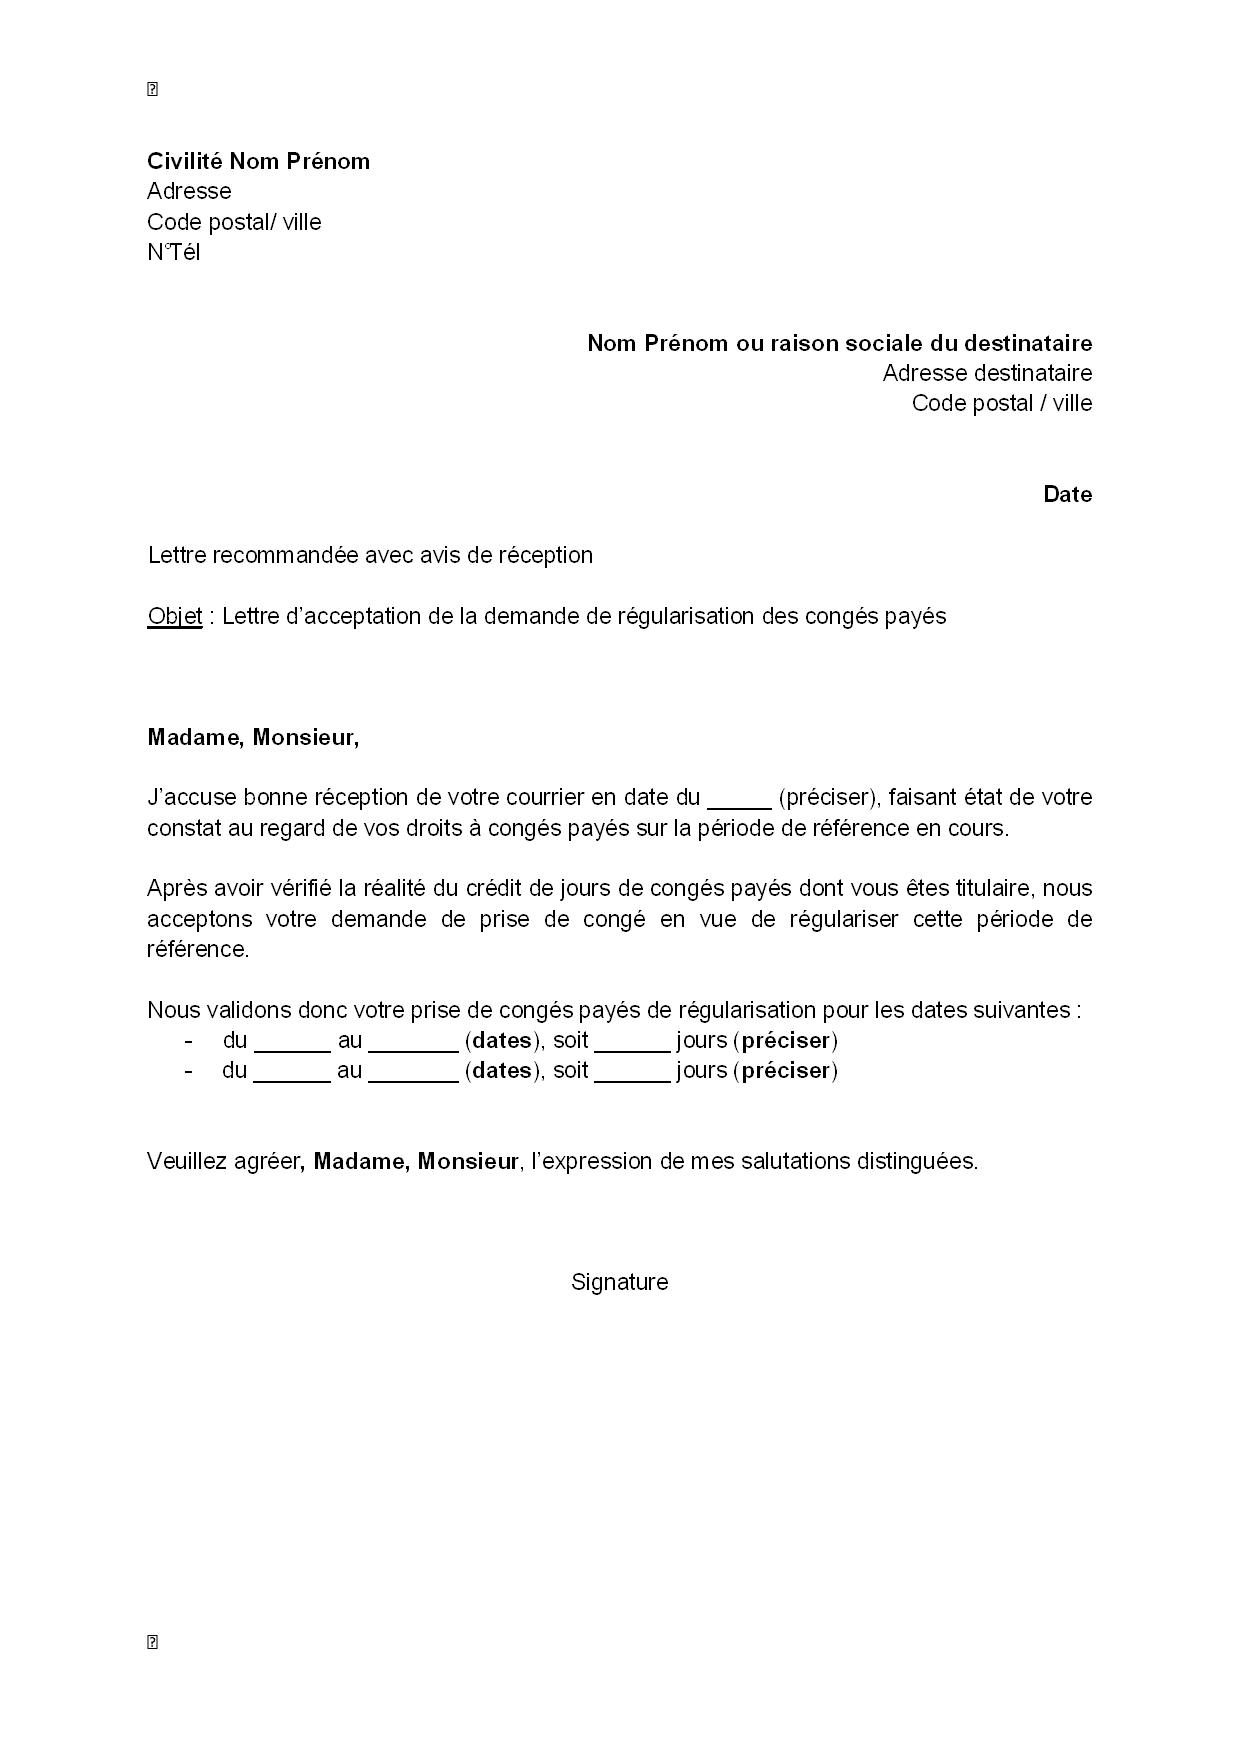 modele de lettre de regularisation Lettre d'acceptation, par l'employeur, de la demande de  modele de lettre de regularisation